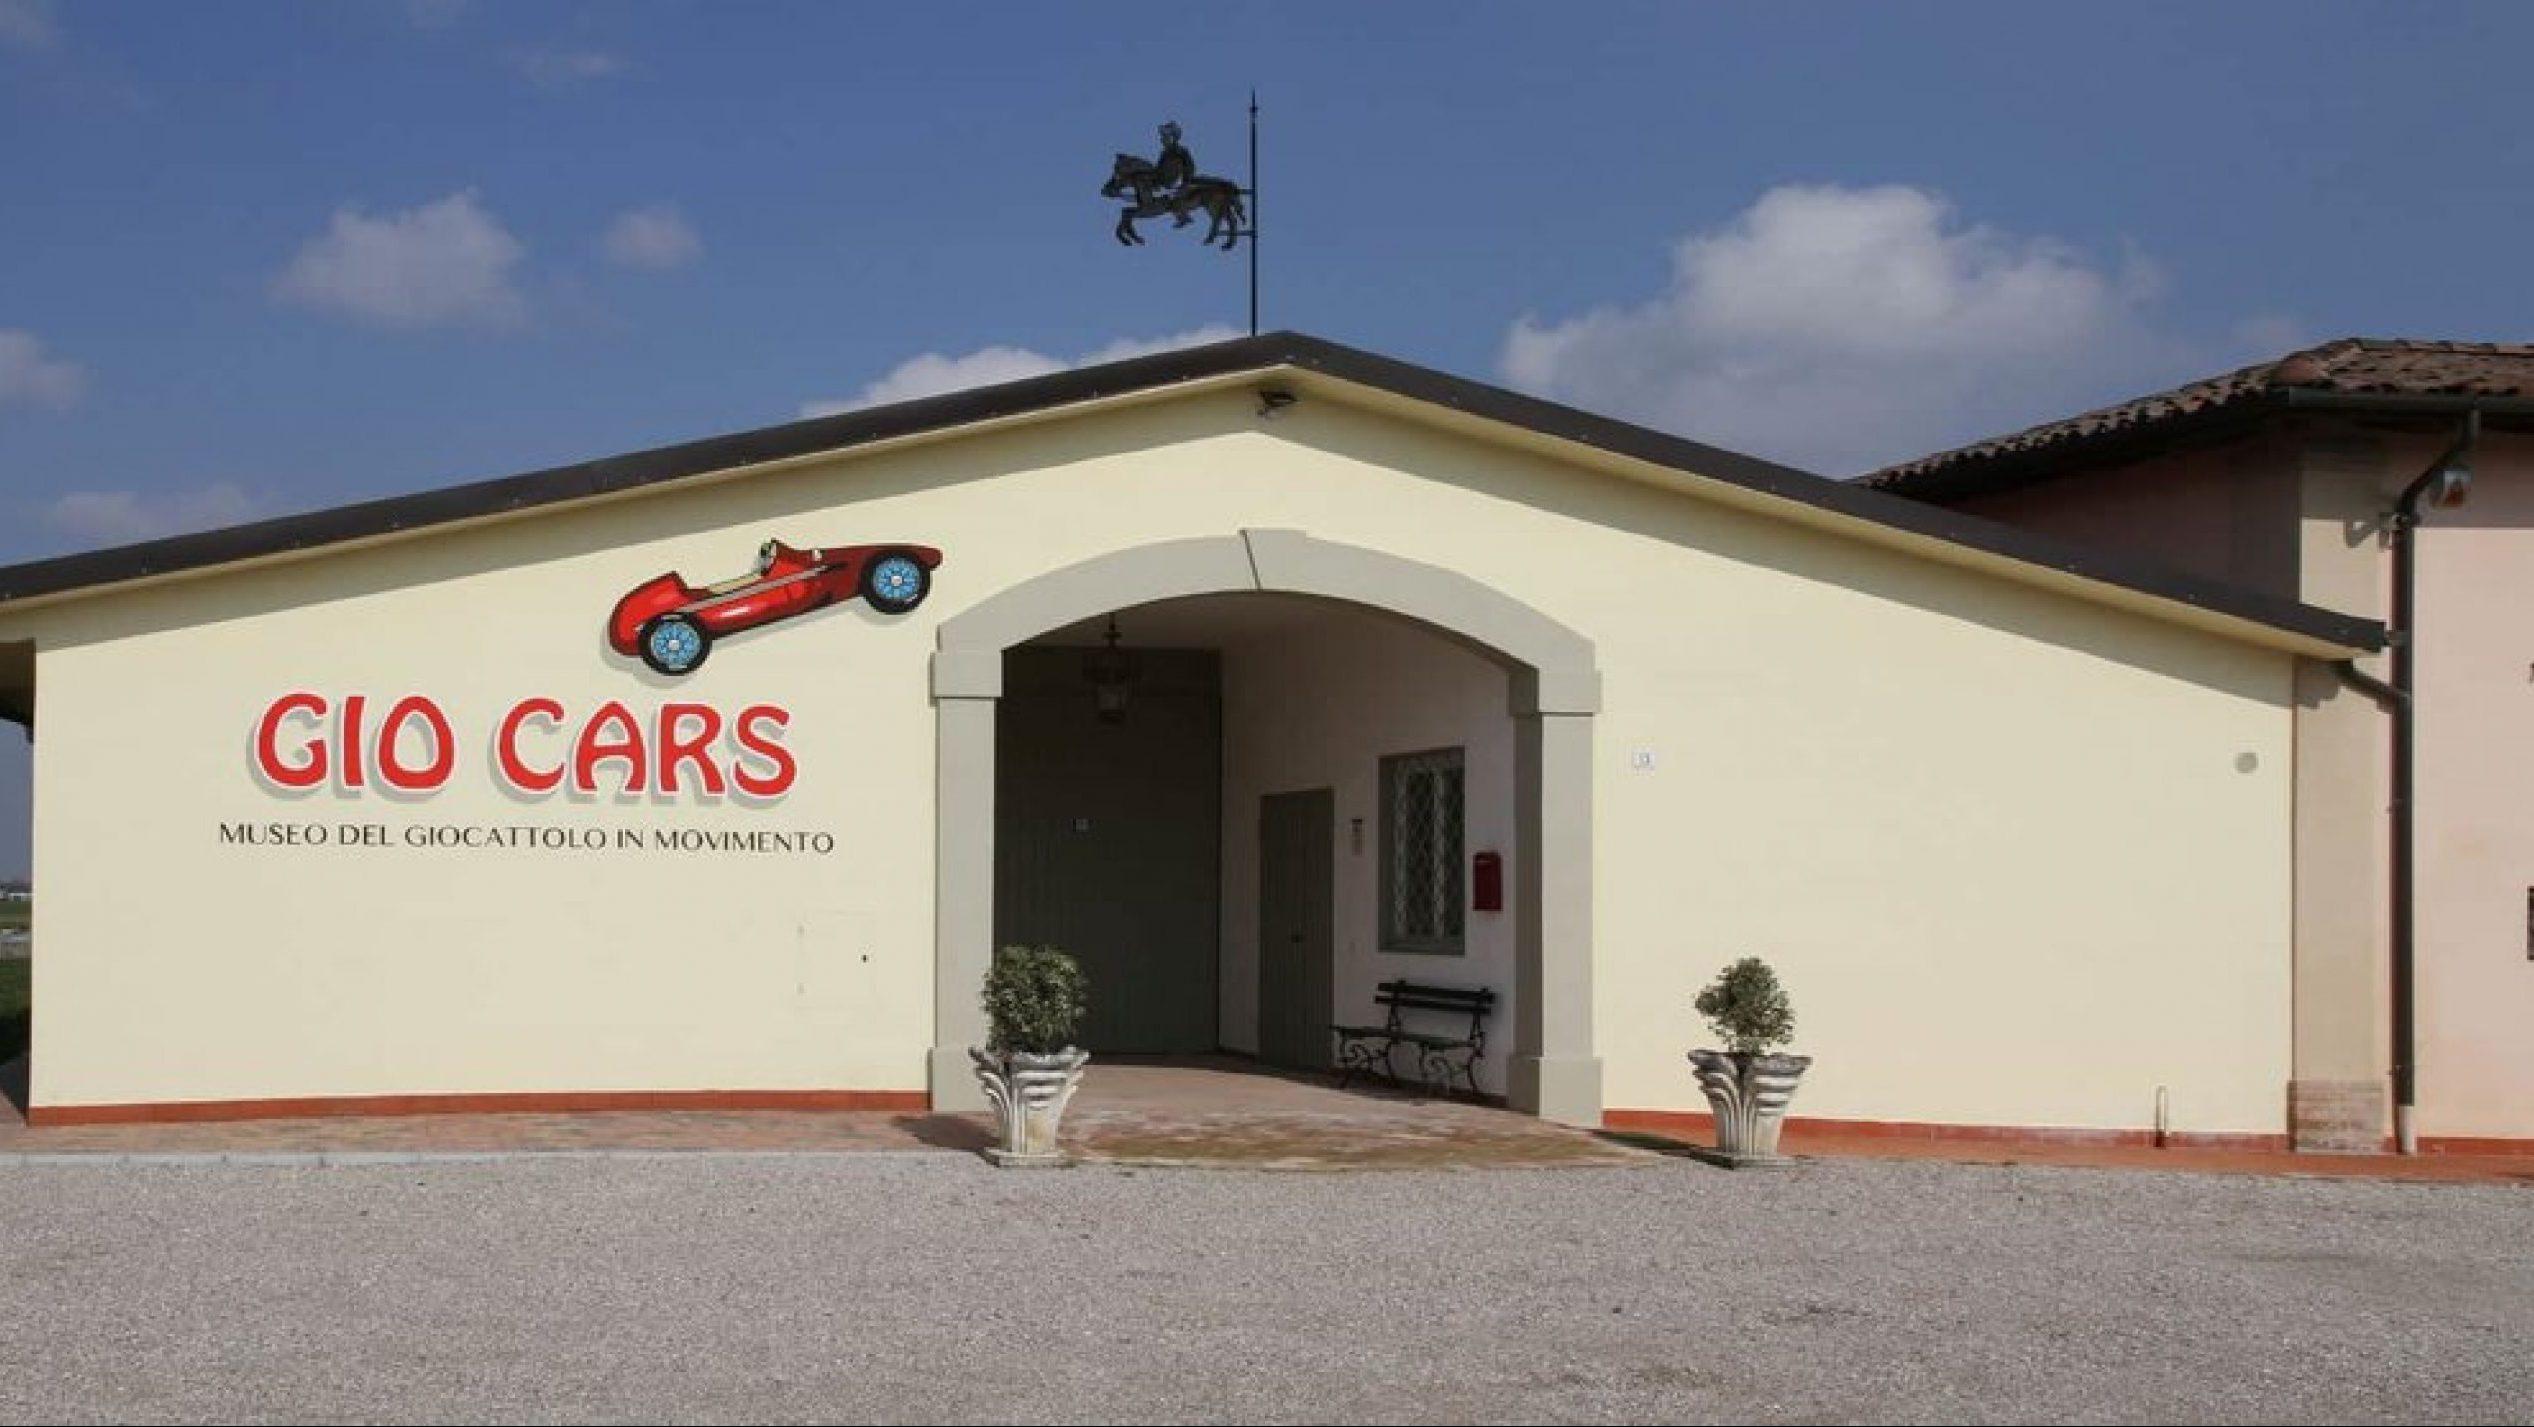 Giocars, museo del giocattolo